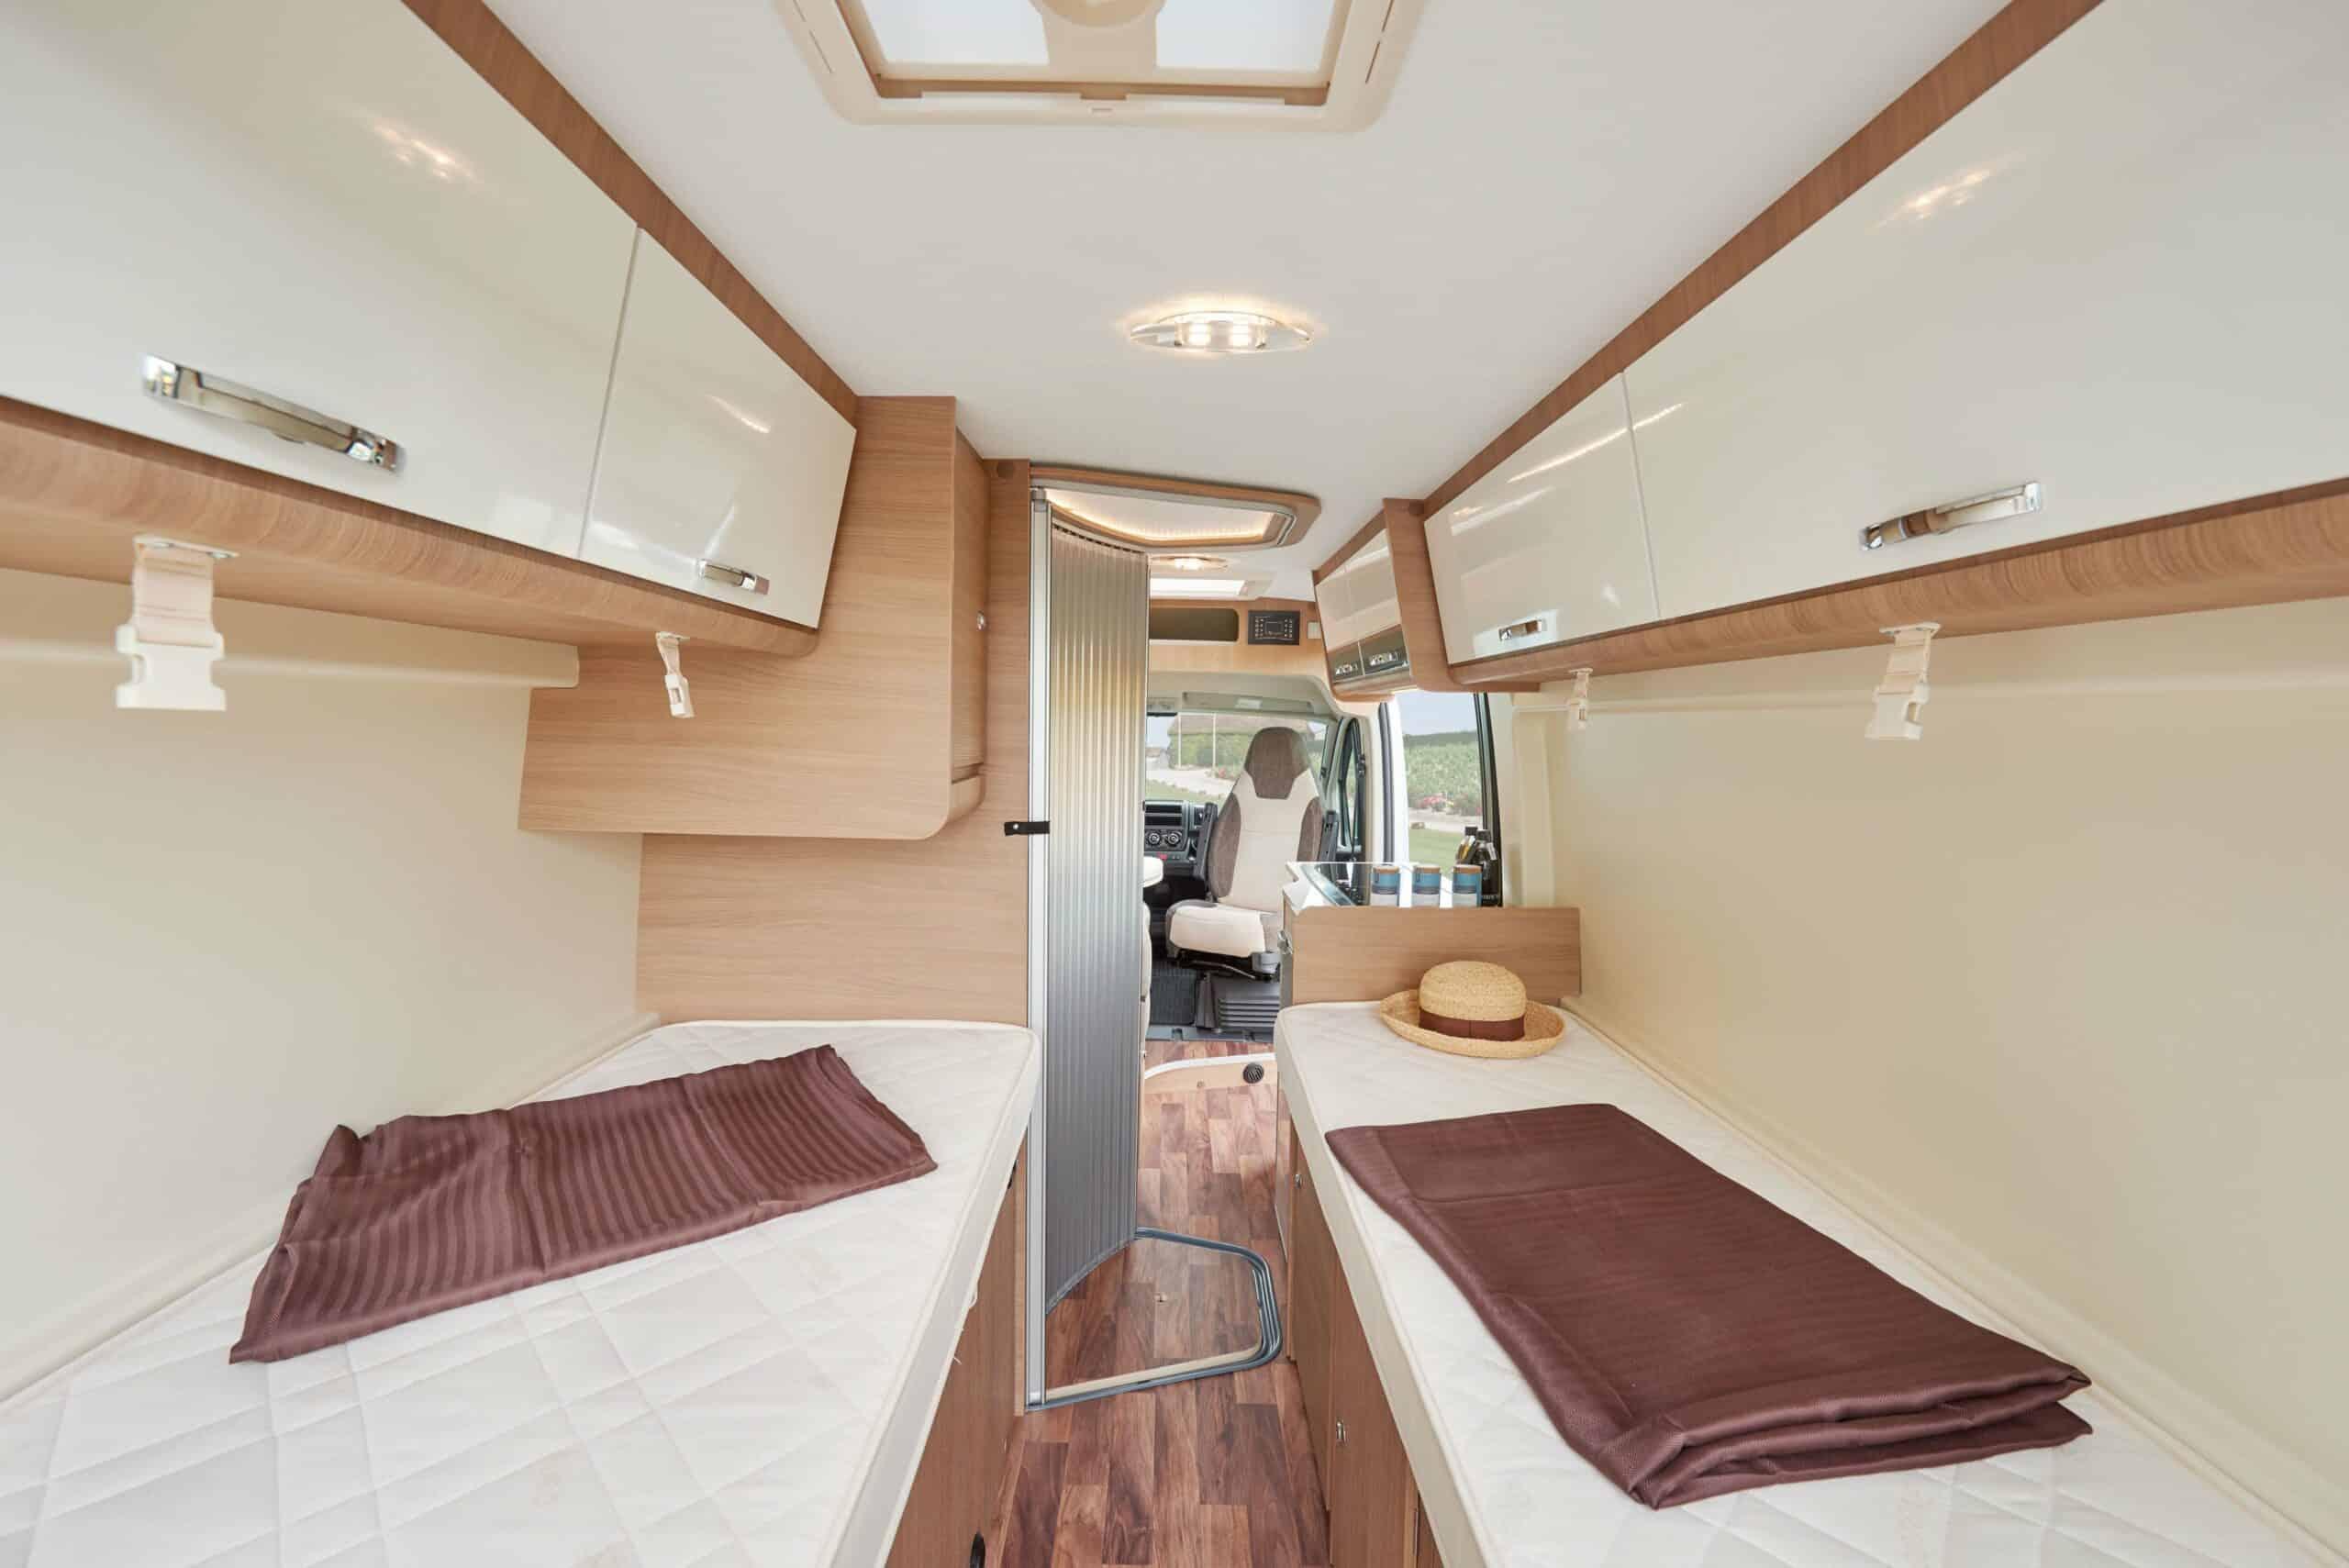 kastenwagen unter 6 meter mit l ngsbetten reisemobil internationalreisemobil international. Black Bedroom Furniture Sets. Home Design Ideas